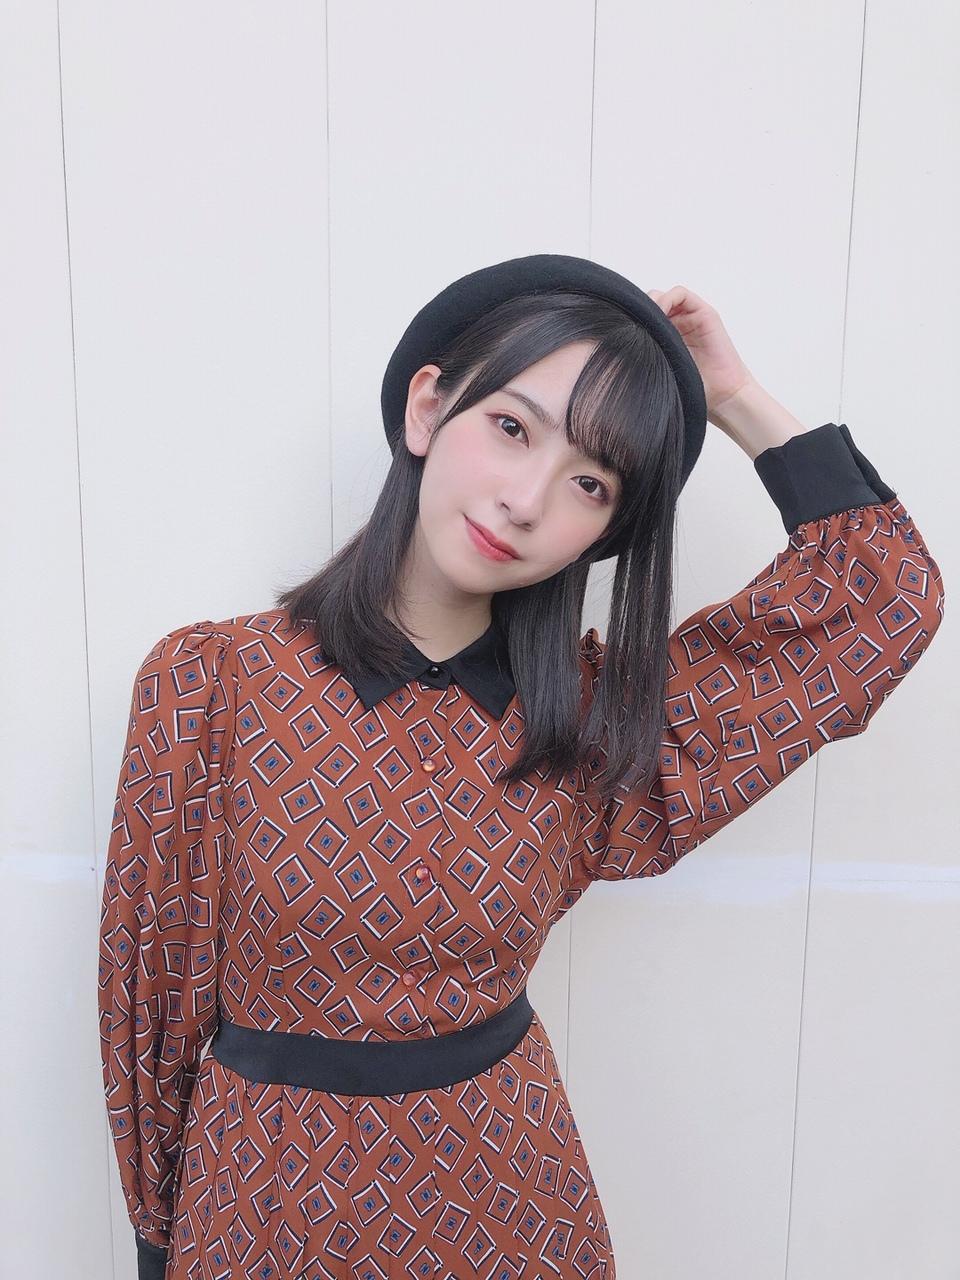 日向坂46メンバーブログまとめ2019年10月15日